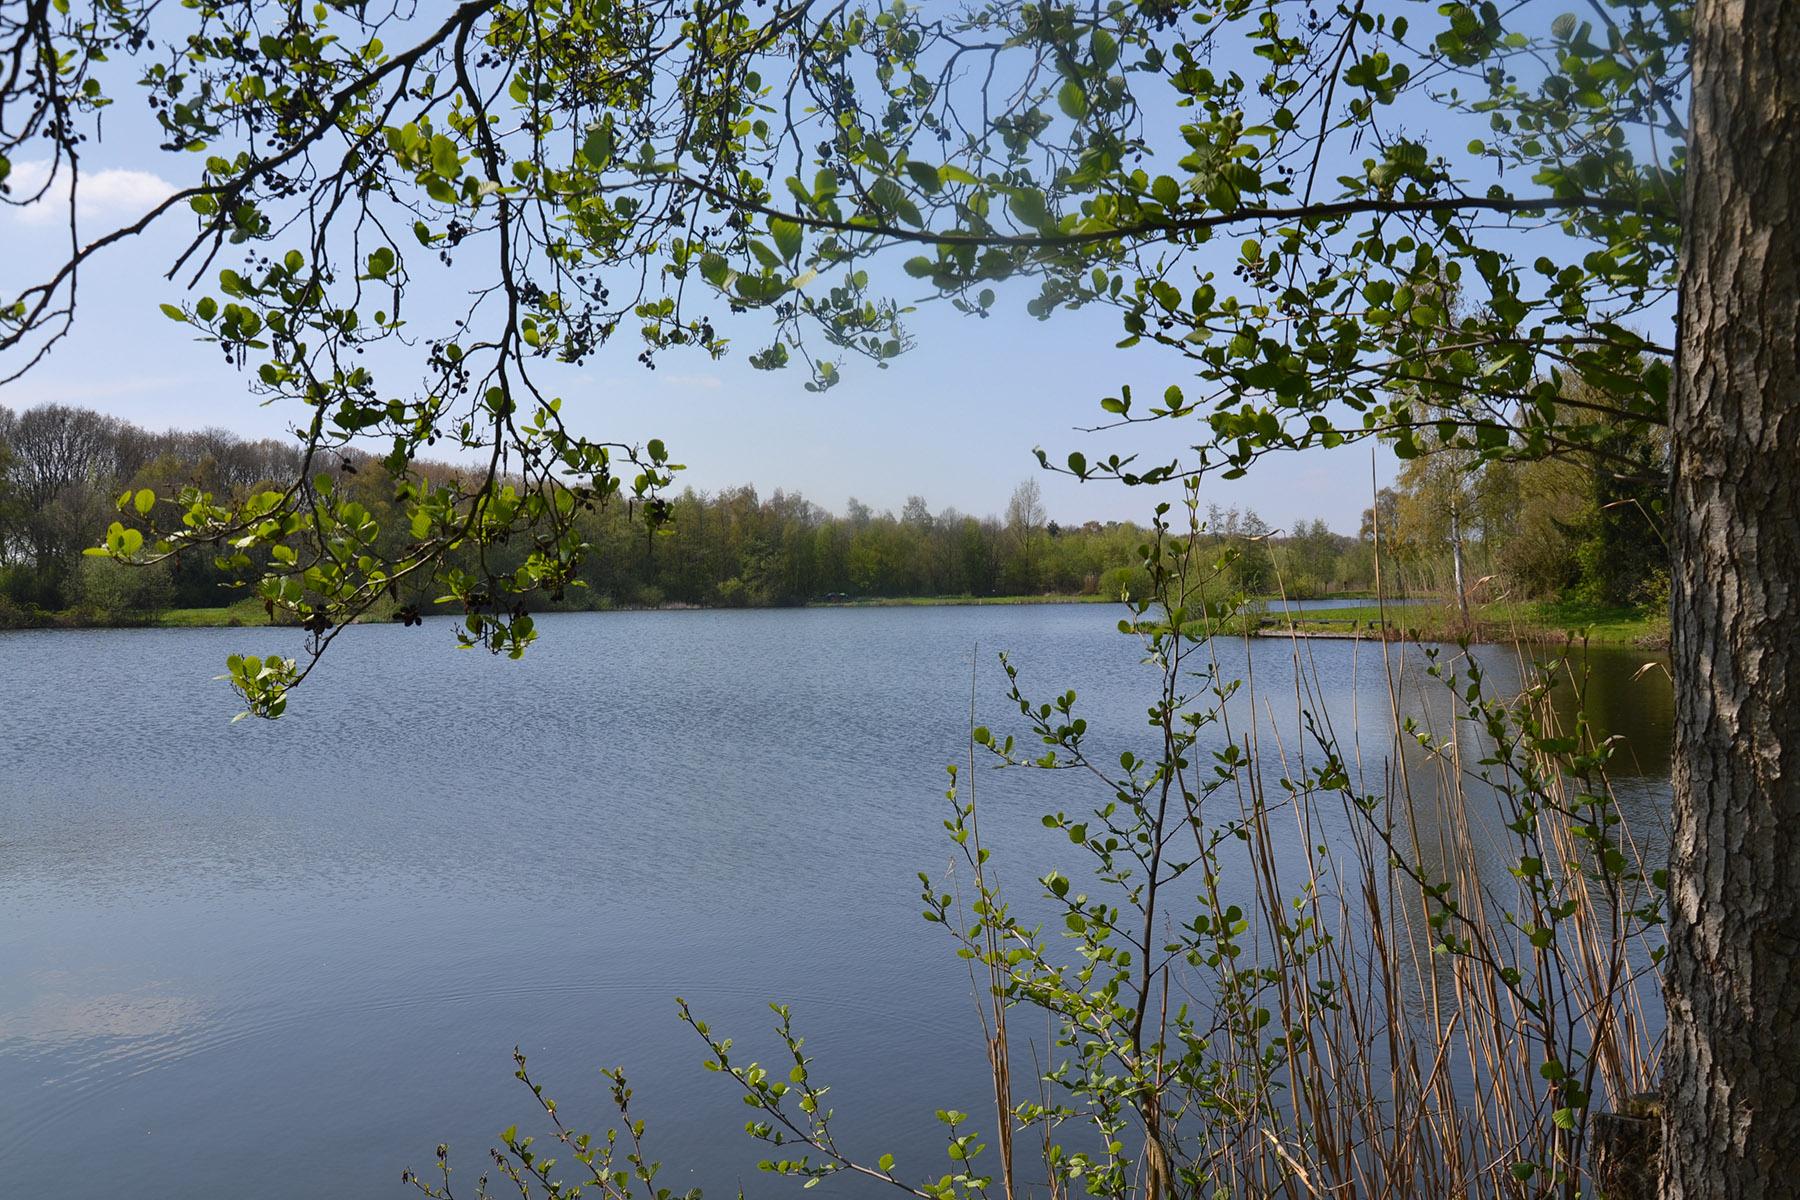 Property Development Header : Nieuwbouwproject moorland in oirschot